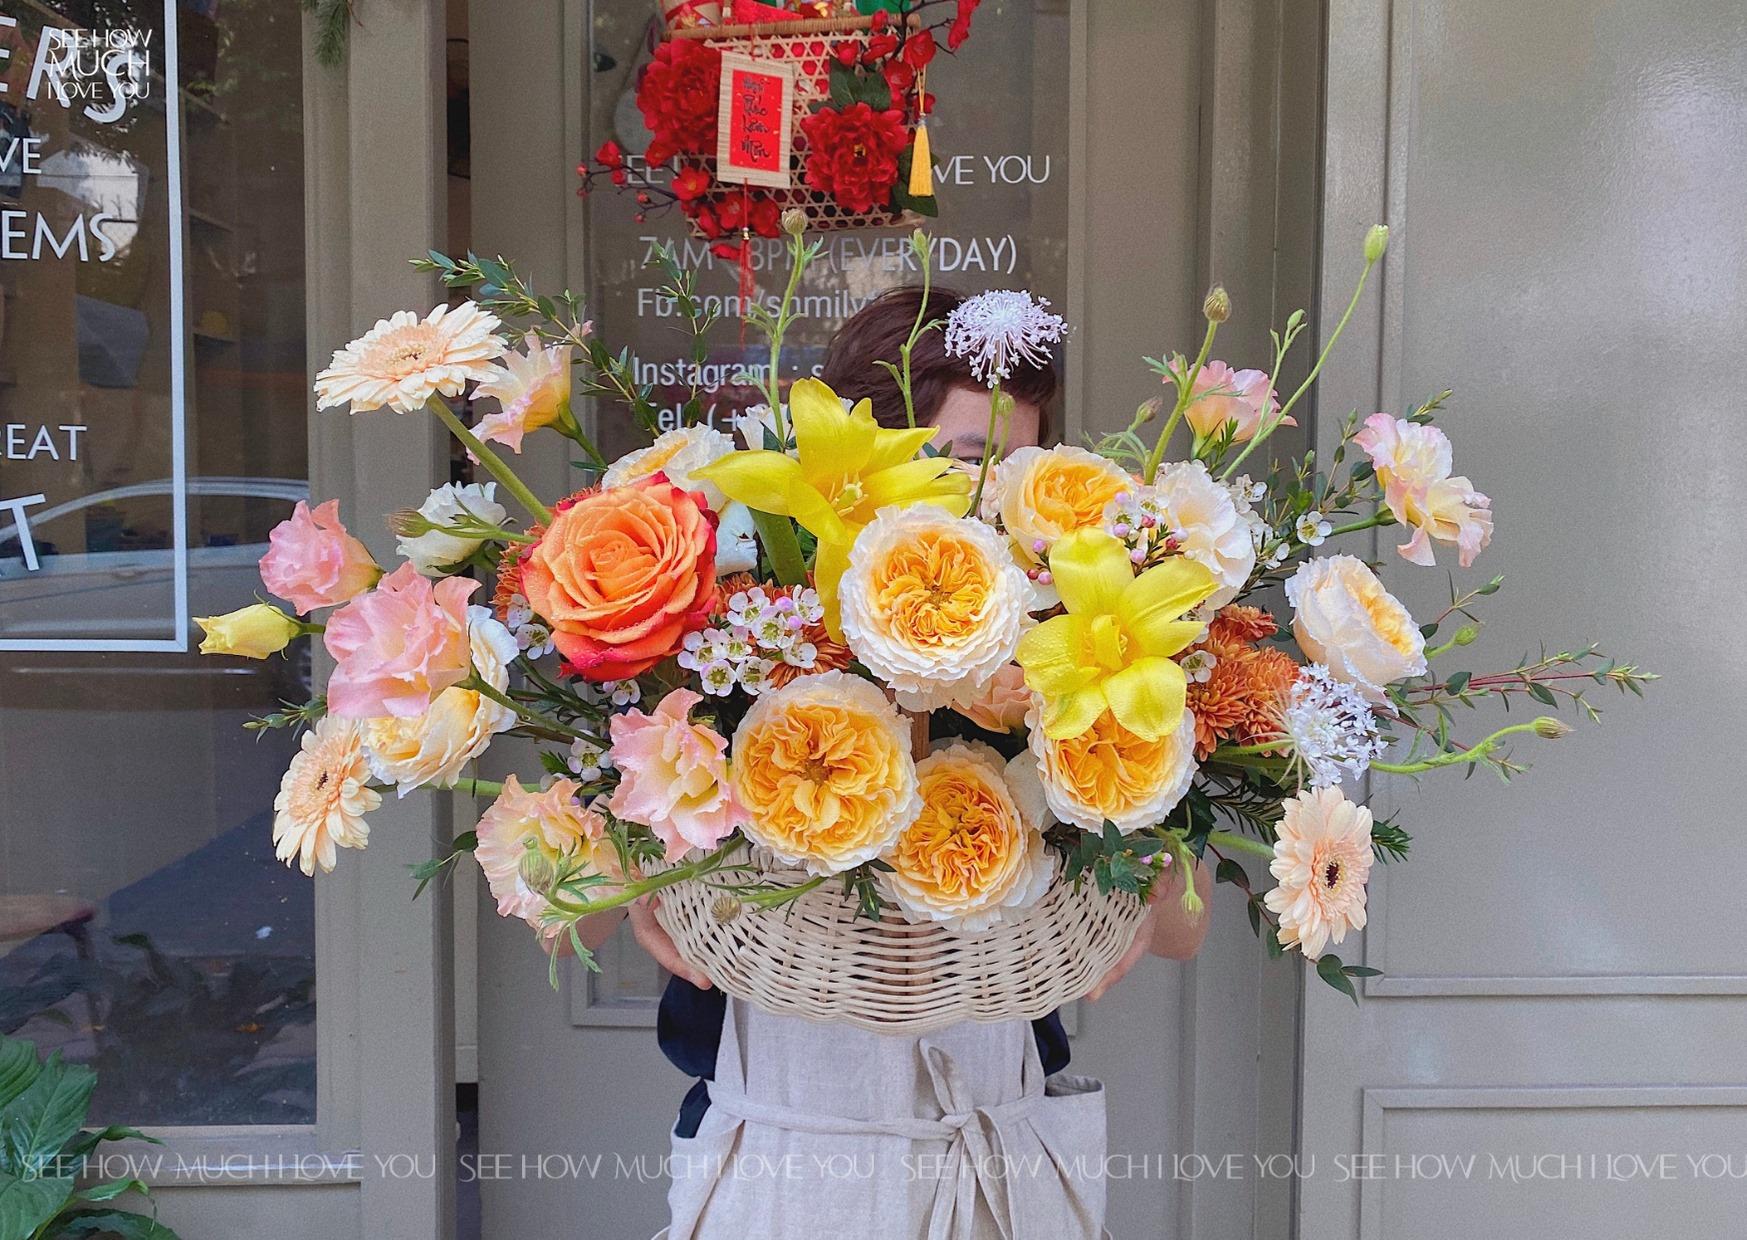 Tham khảo các mẫu lẵng hoa đẹp ngày 8/3 dành tặng phái nữ  - Ảnh 4.